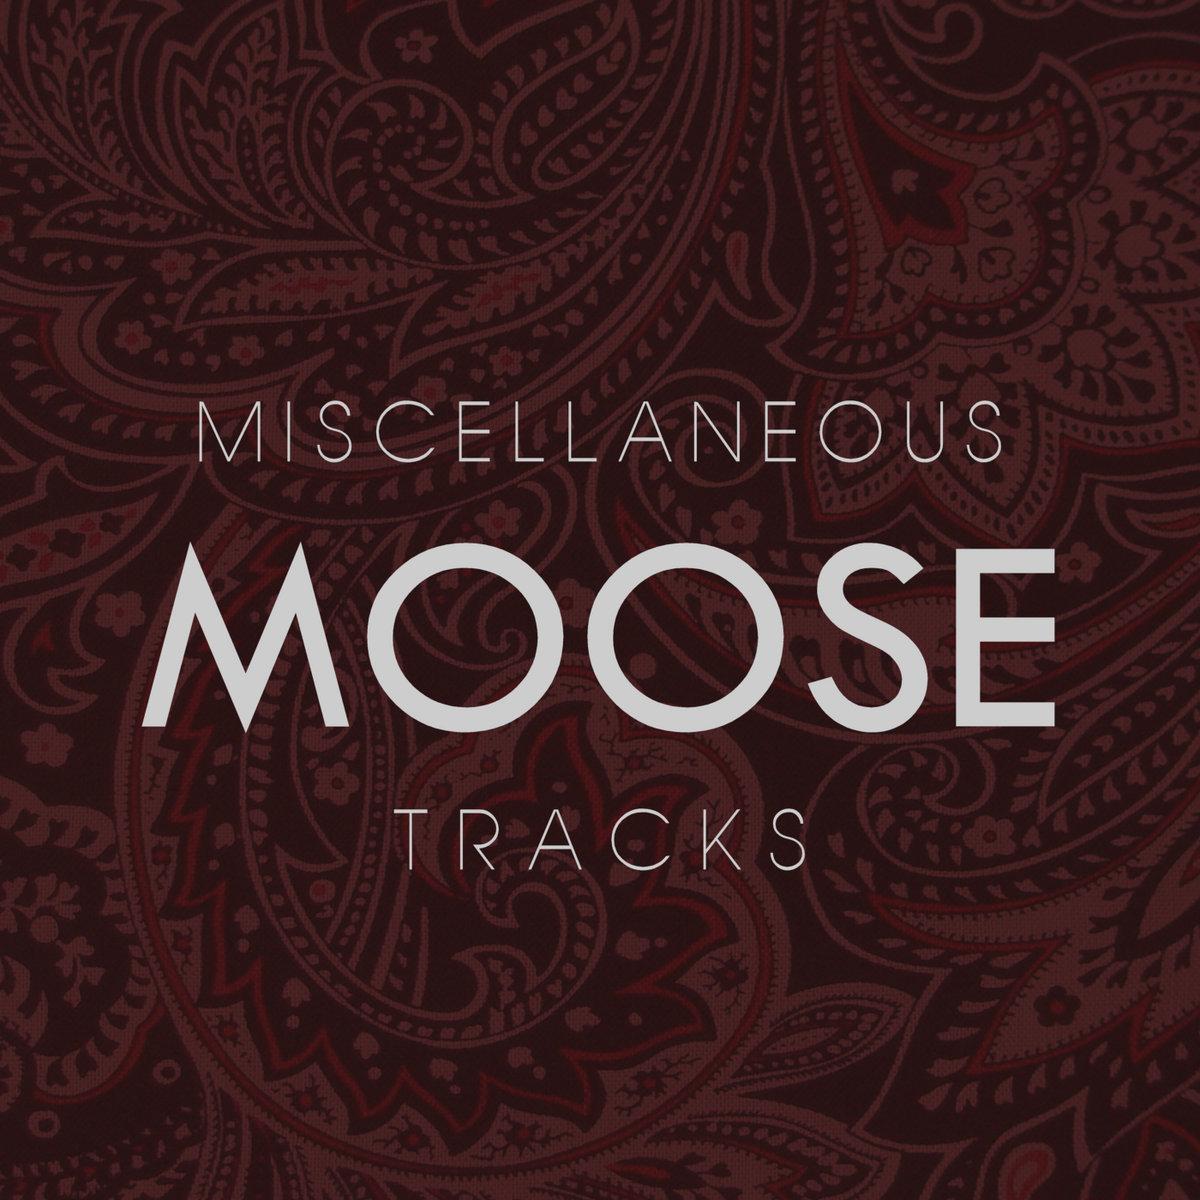 miscellaneous moose tracks moose